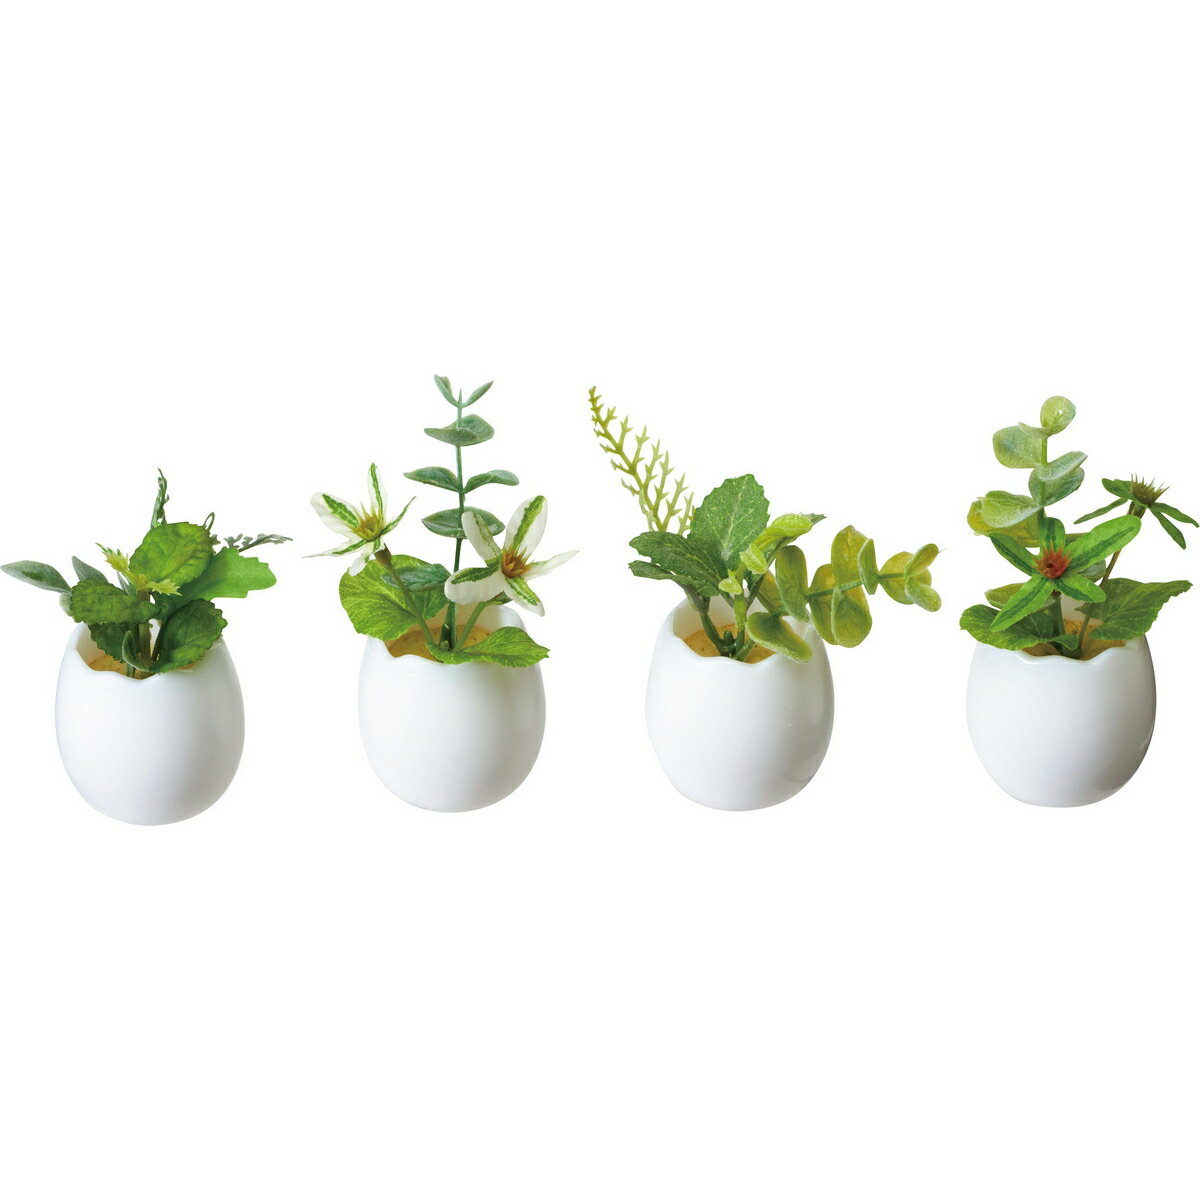 即日 【造花】YDM/グリーンミックスエッグポット ※4種類のいずれか1つ。お選びいただけません。/GLA-1406-AST